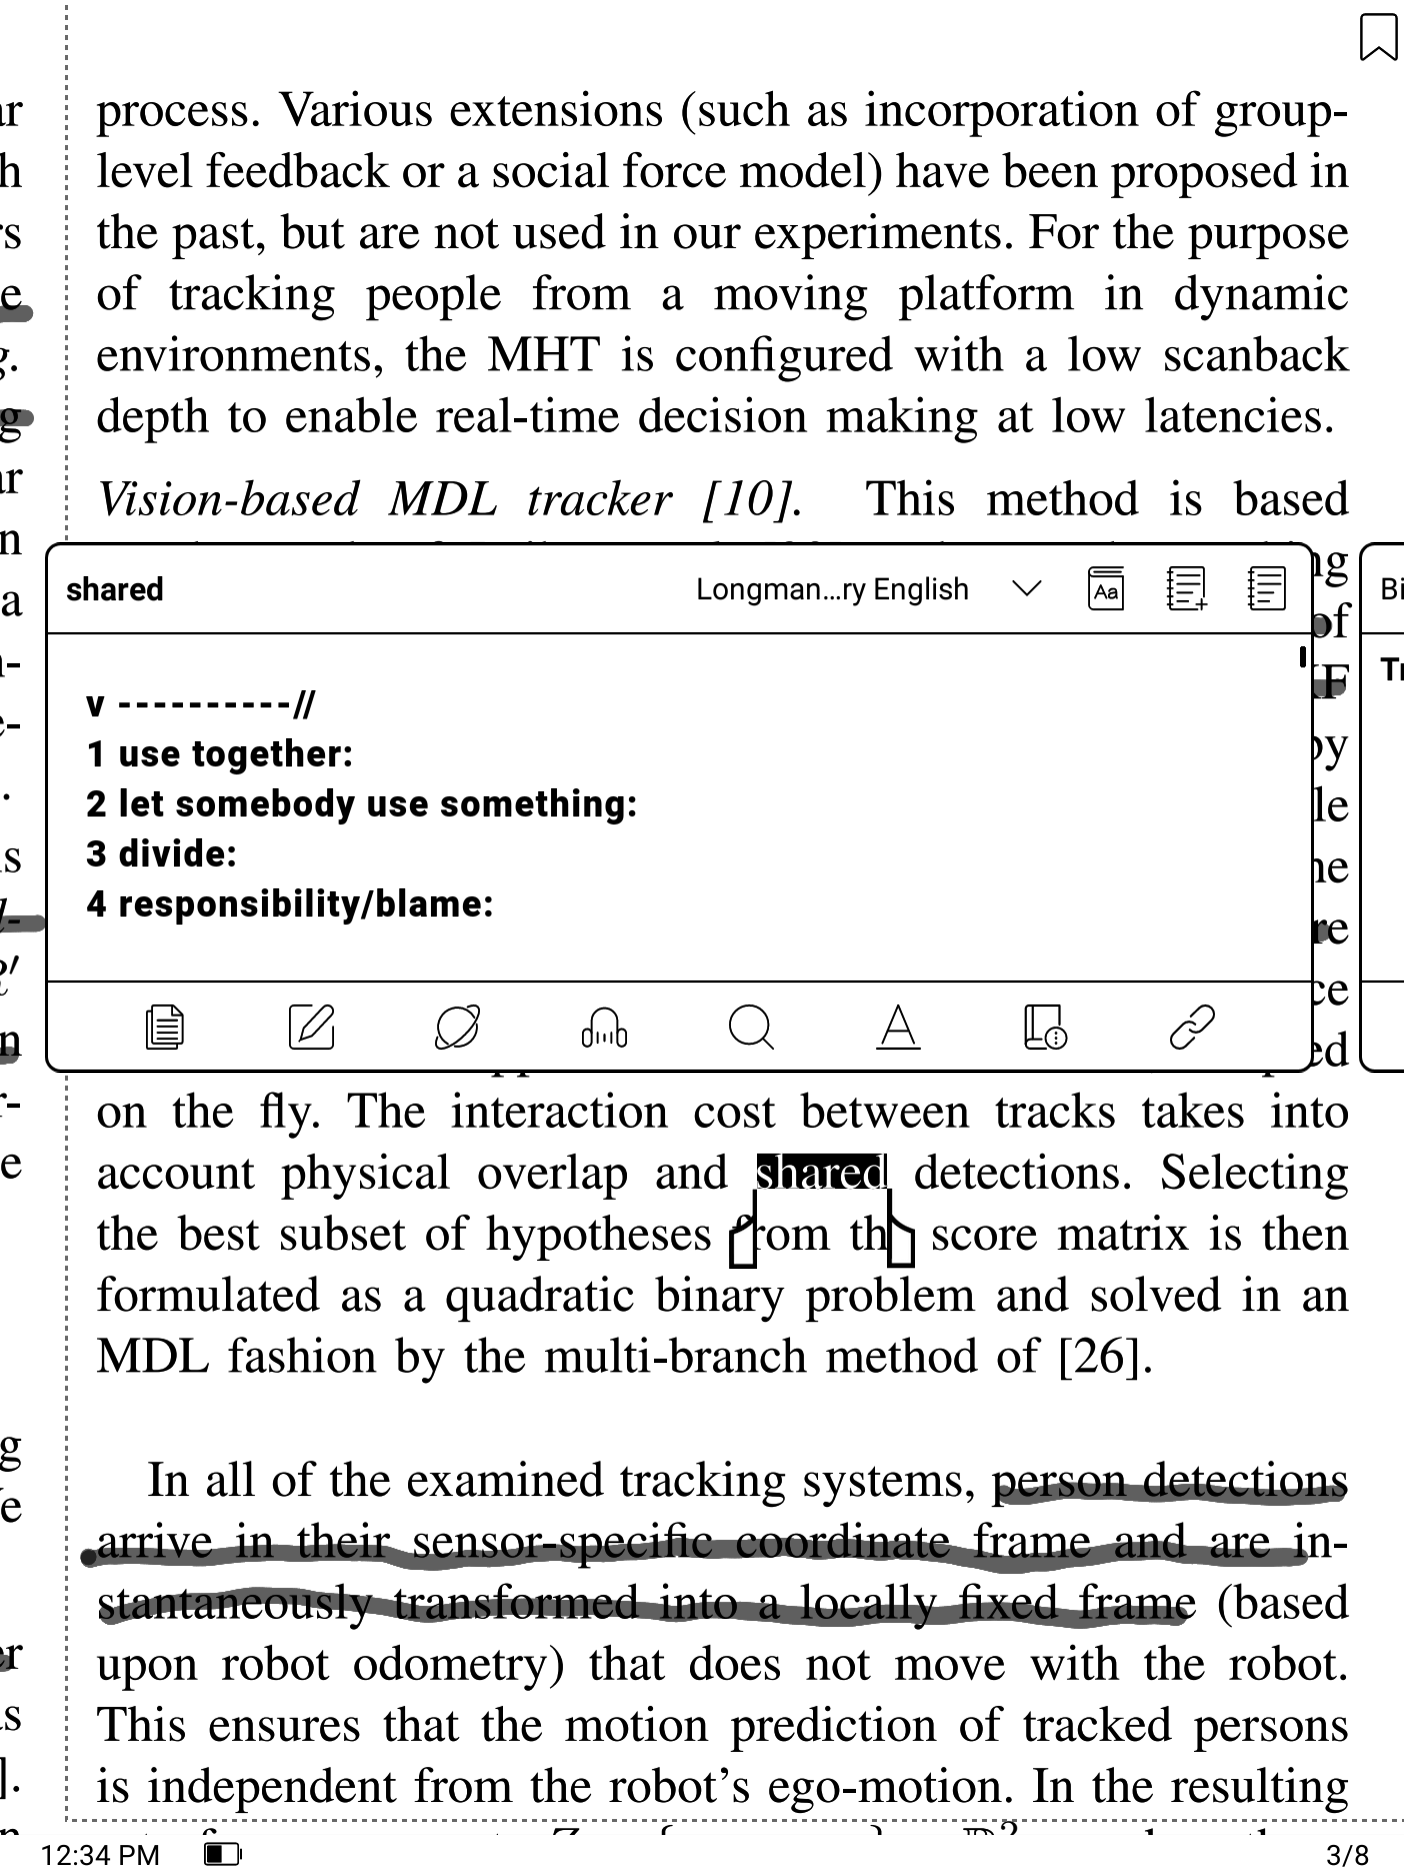 Recensione Onyx BOOX Note3: per chi sa leggere e anche scrivere